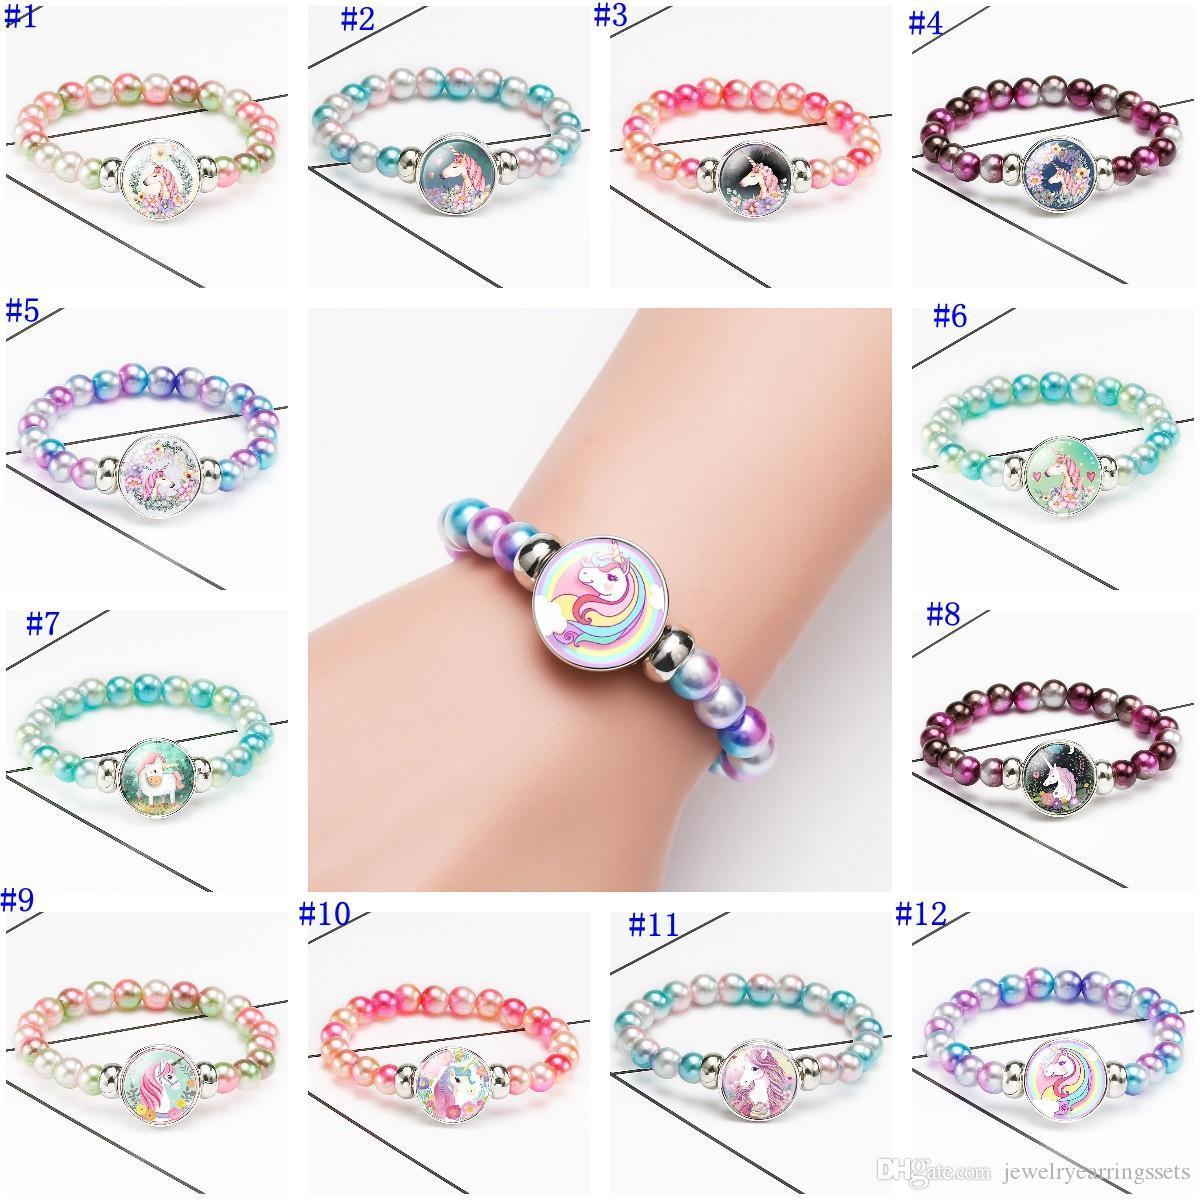 مطاطا الزجاج كابوشون سوار الألوان الخرز القطعة زر سوار تصميم جديد للأطفال أزياء ومجوهرات هدية